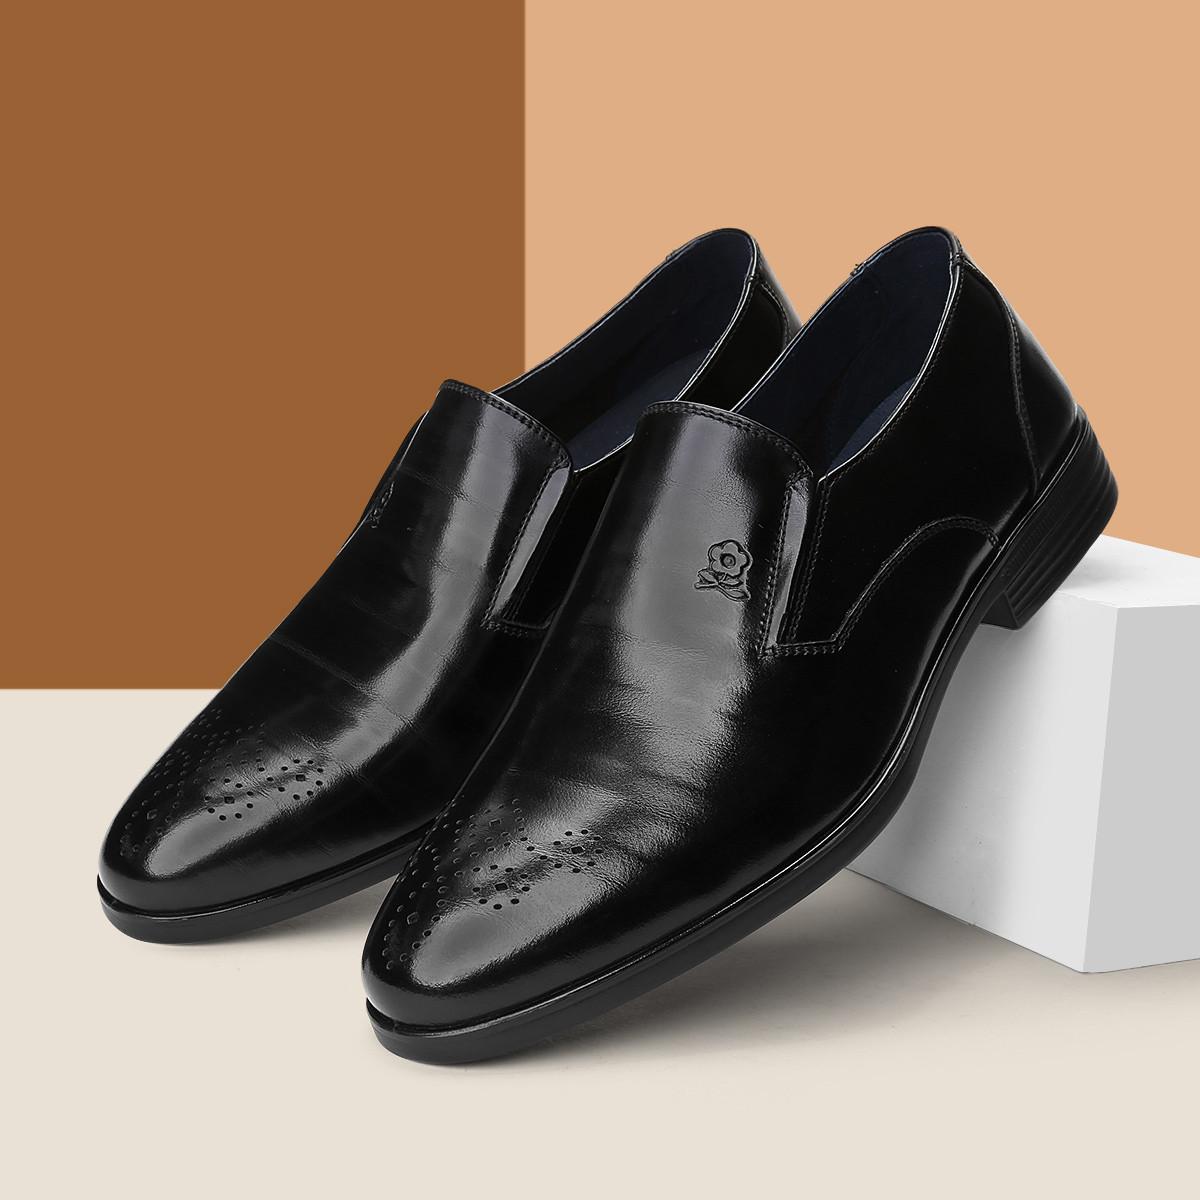 梦特娇19新品【头层牛皮】一脚蹬时尚布洛克鞋德比鞋男商务鞋男士皮鞋A61194122A